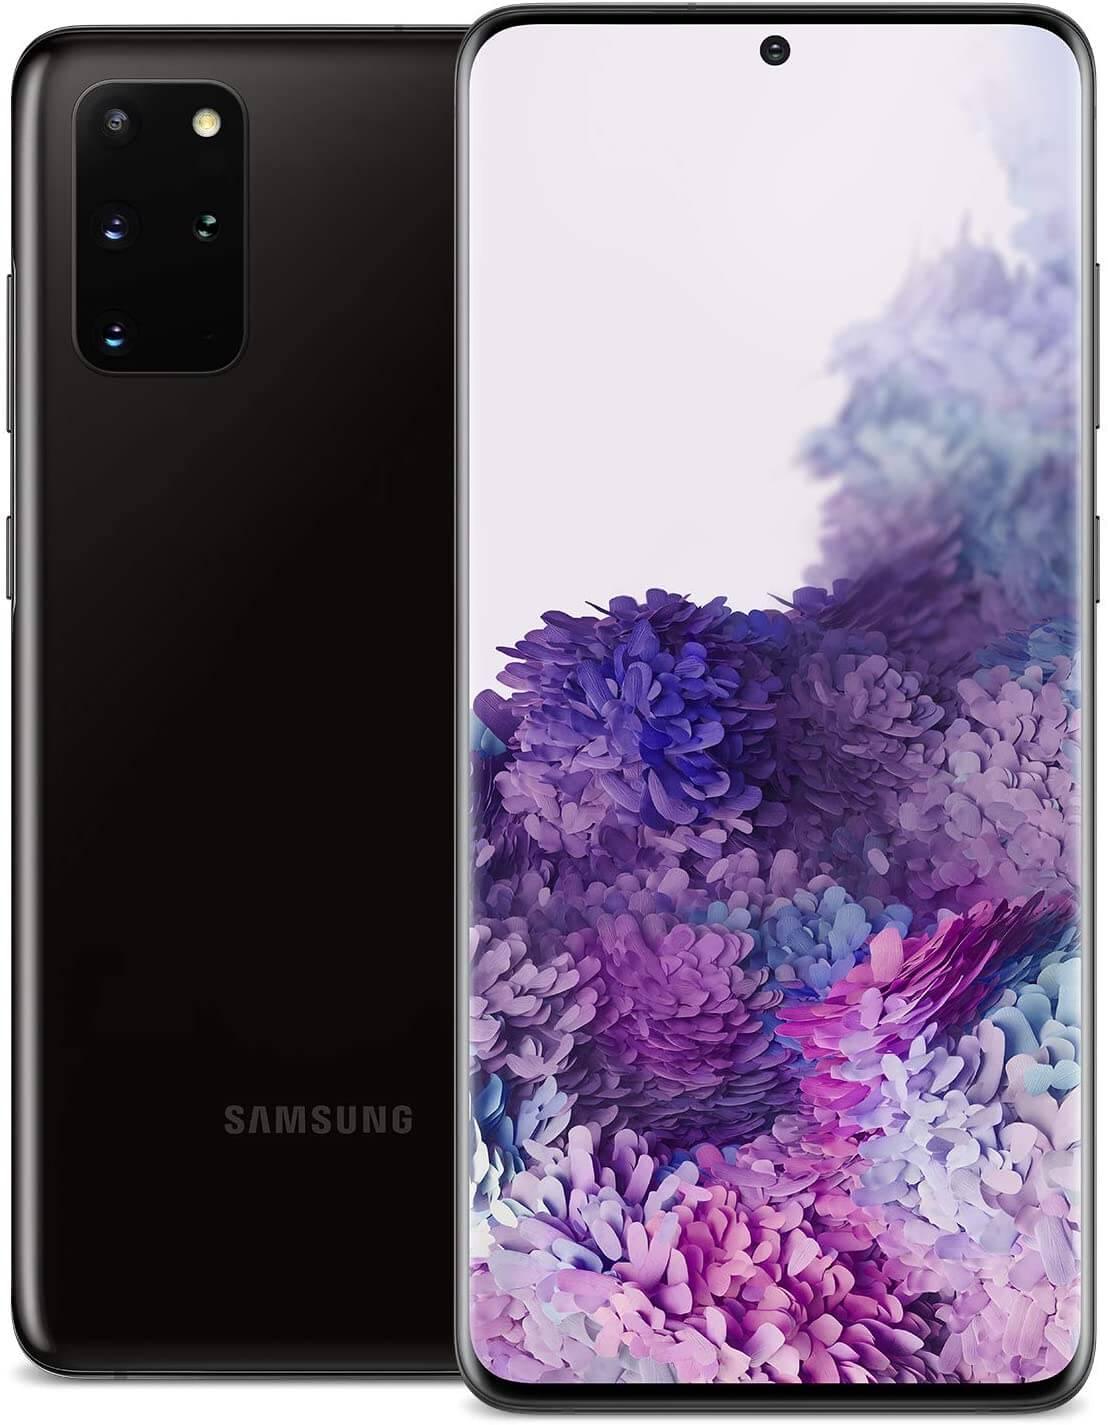 أفضل كاميرا للهواتف الذكية - سامسونج Galaxy S20 +